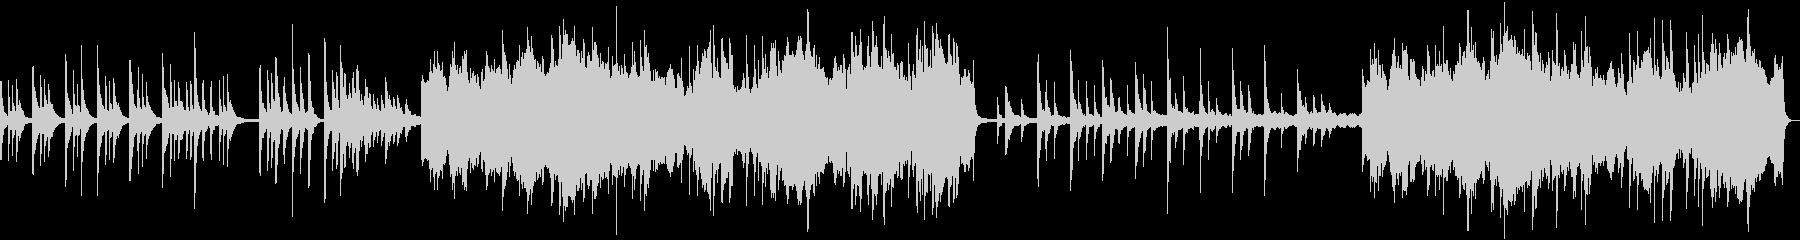 刻々と旋律を刻む静かで力強いピアノ音楽の未再生の波形